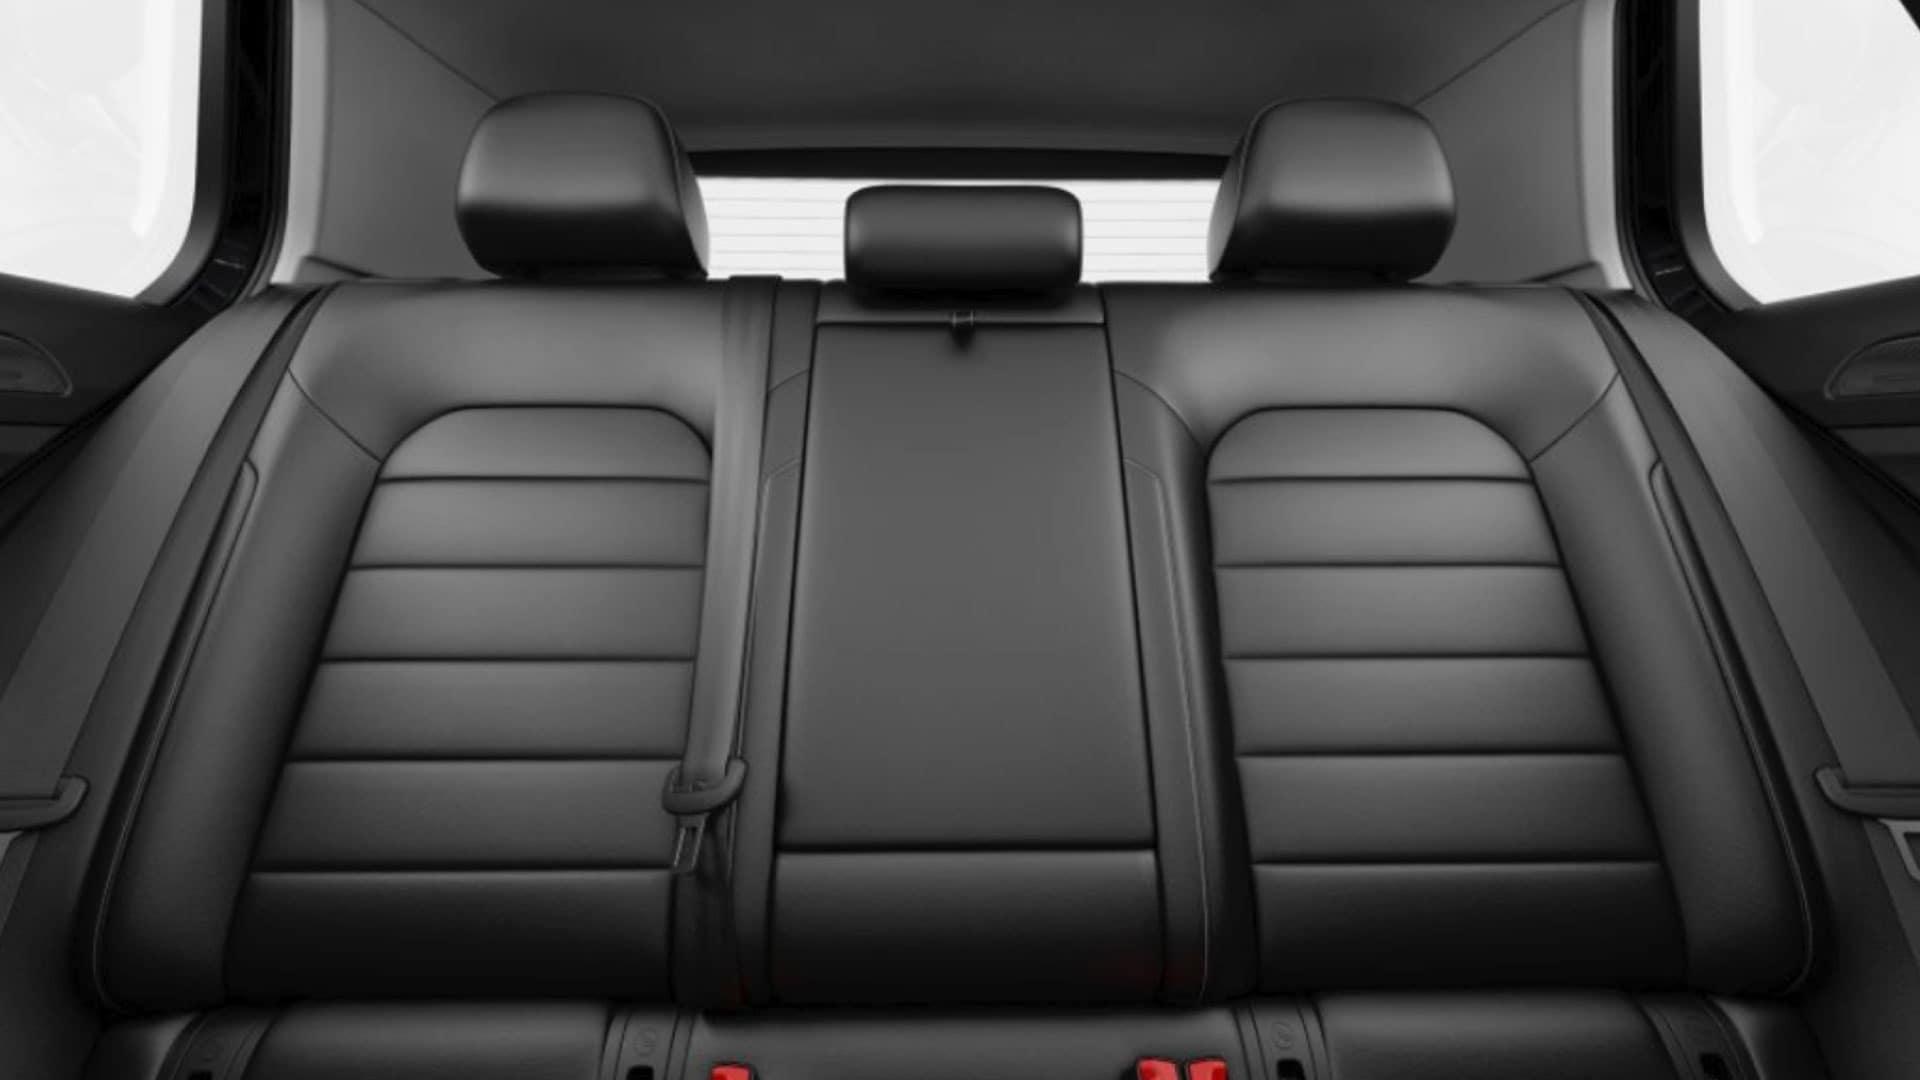 2019 VW e-Golf seats